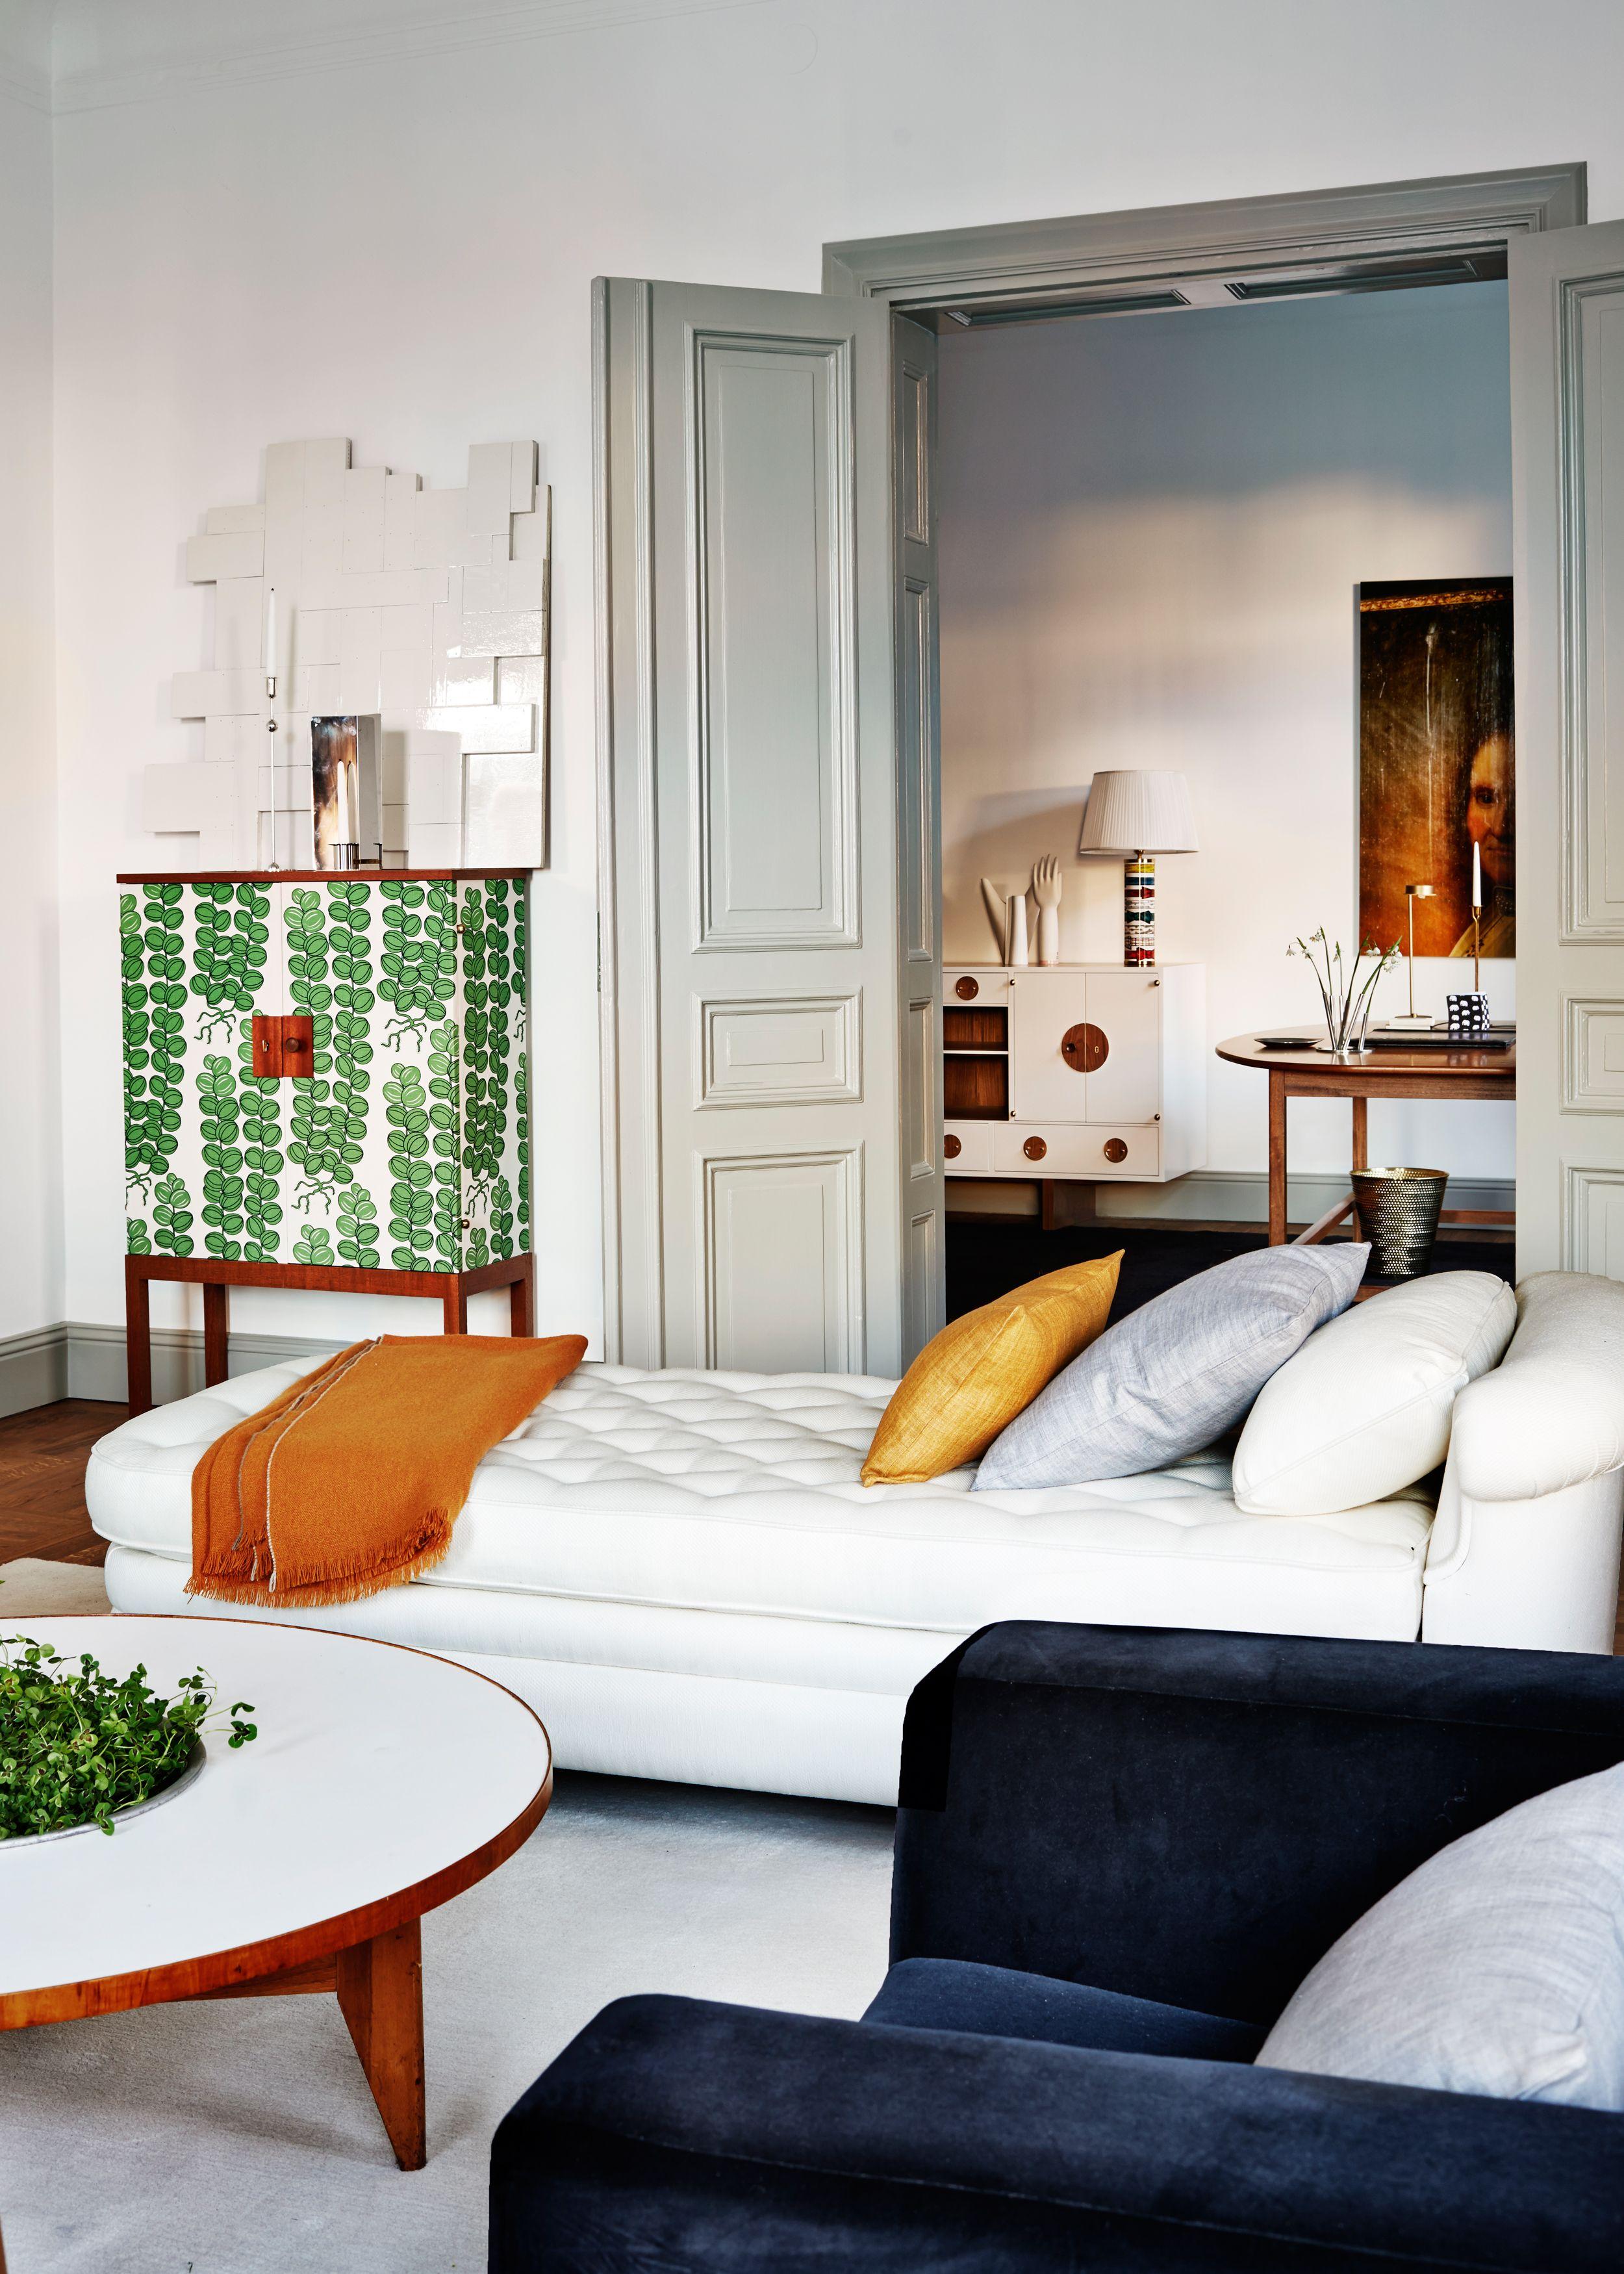 Svenskt Tenn design modern design homes. Want more inspiration? http://www.brabbu.com/en/inspiration.php